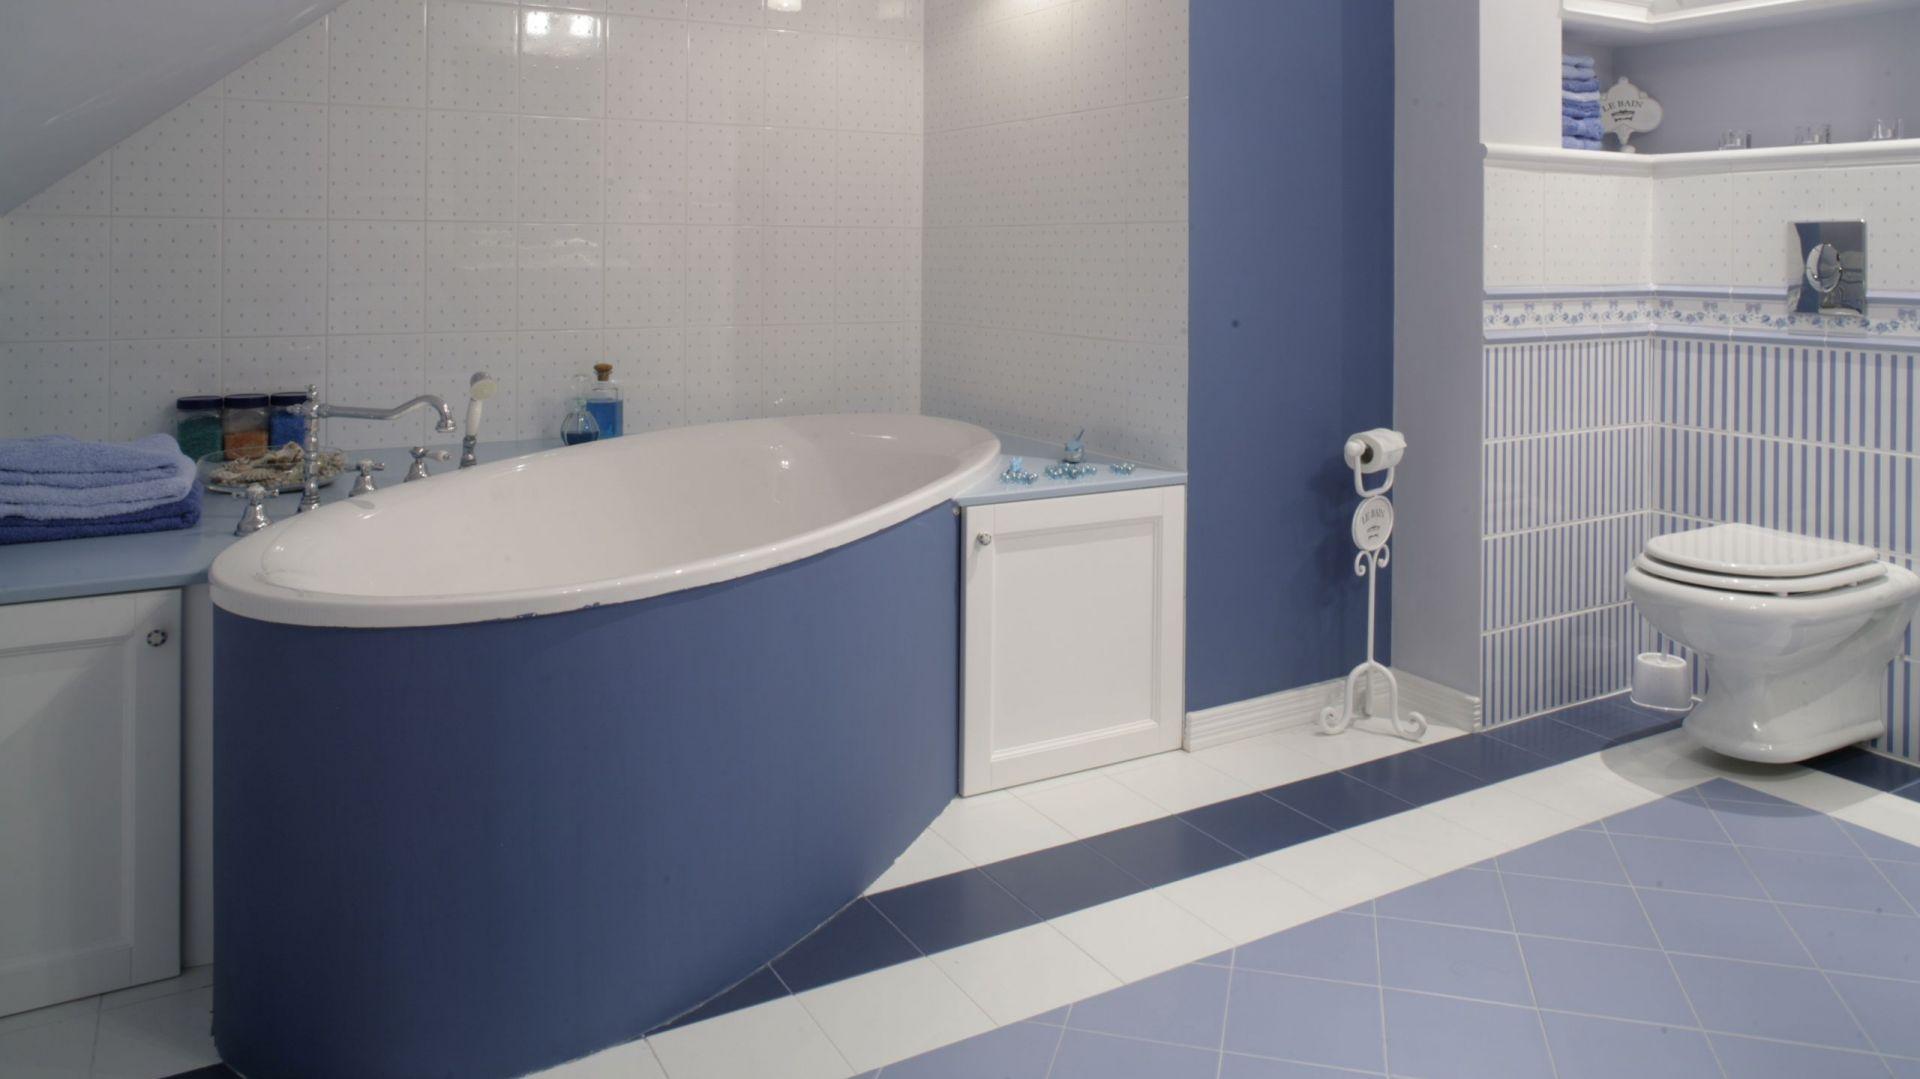 """Piękny pokój kąpielowy, to bardziej domowe """"spa"""" niż tradycyjna łazienka, w której zwykle szybko wykonujemy wszystkie zabiegi i pędzimy dalej. Fot. Monika Filipiuk-Obałek"""